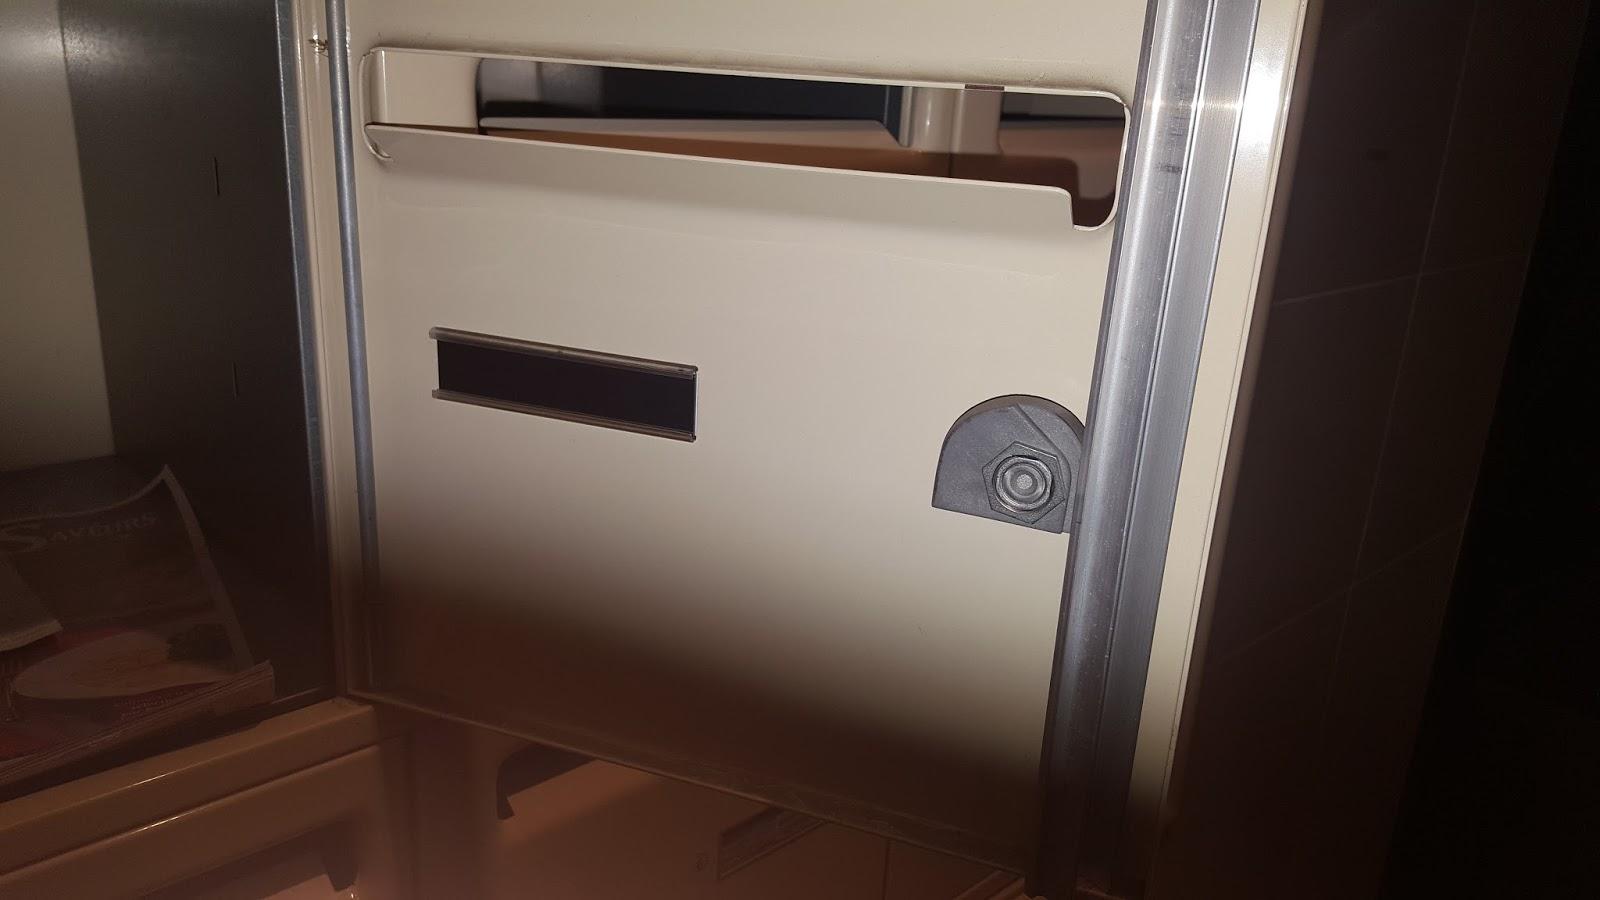 changer serrure boite aux lettres latest changement de serrure boite aux lettres argenteuil. Black Bedroom Furniture Sets. Home Design Ideas